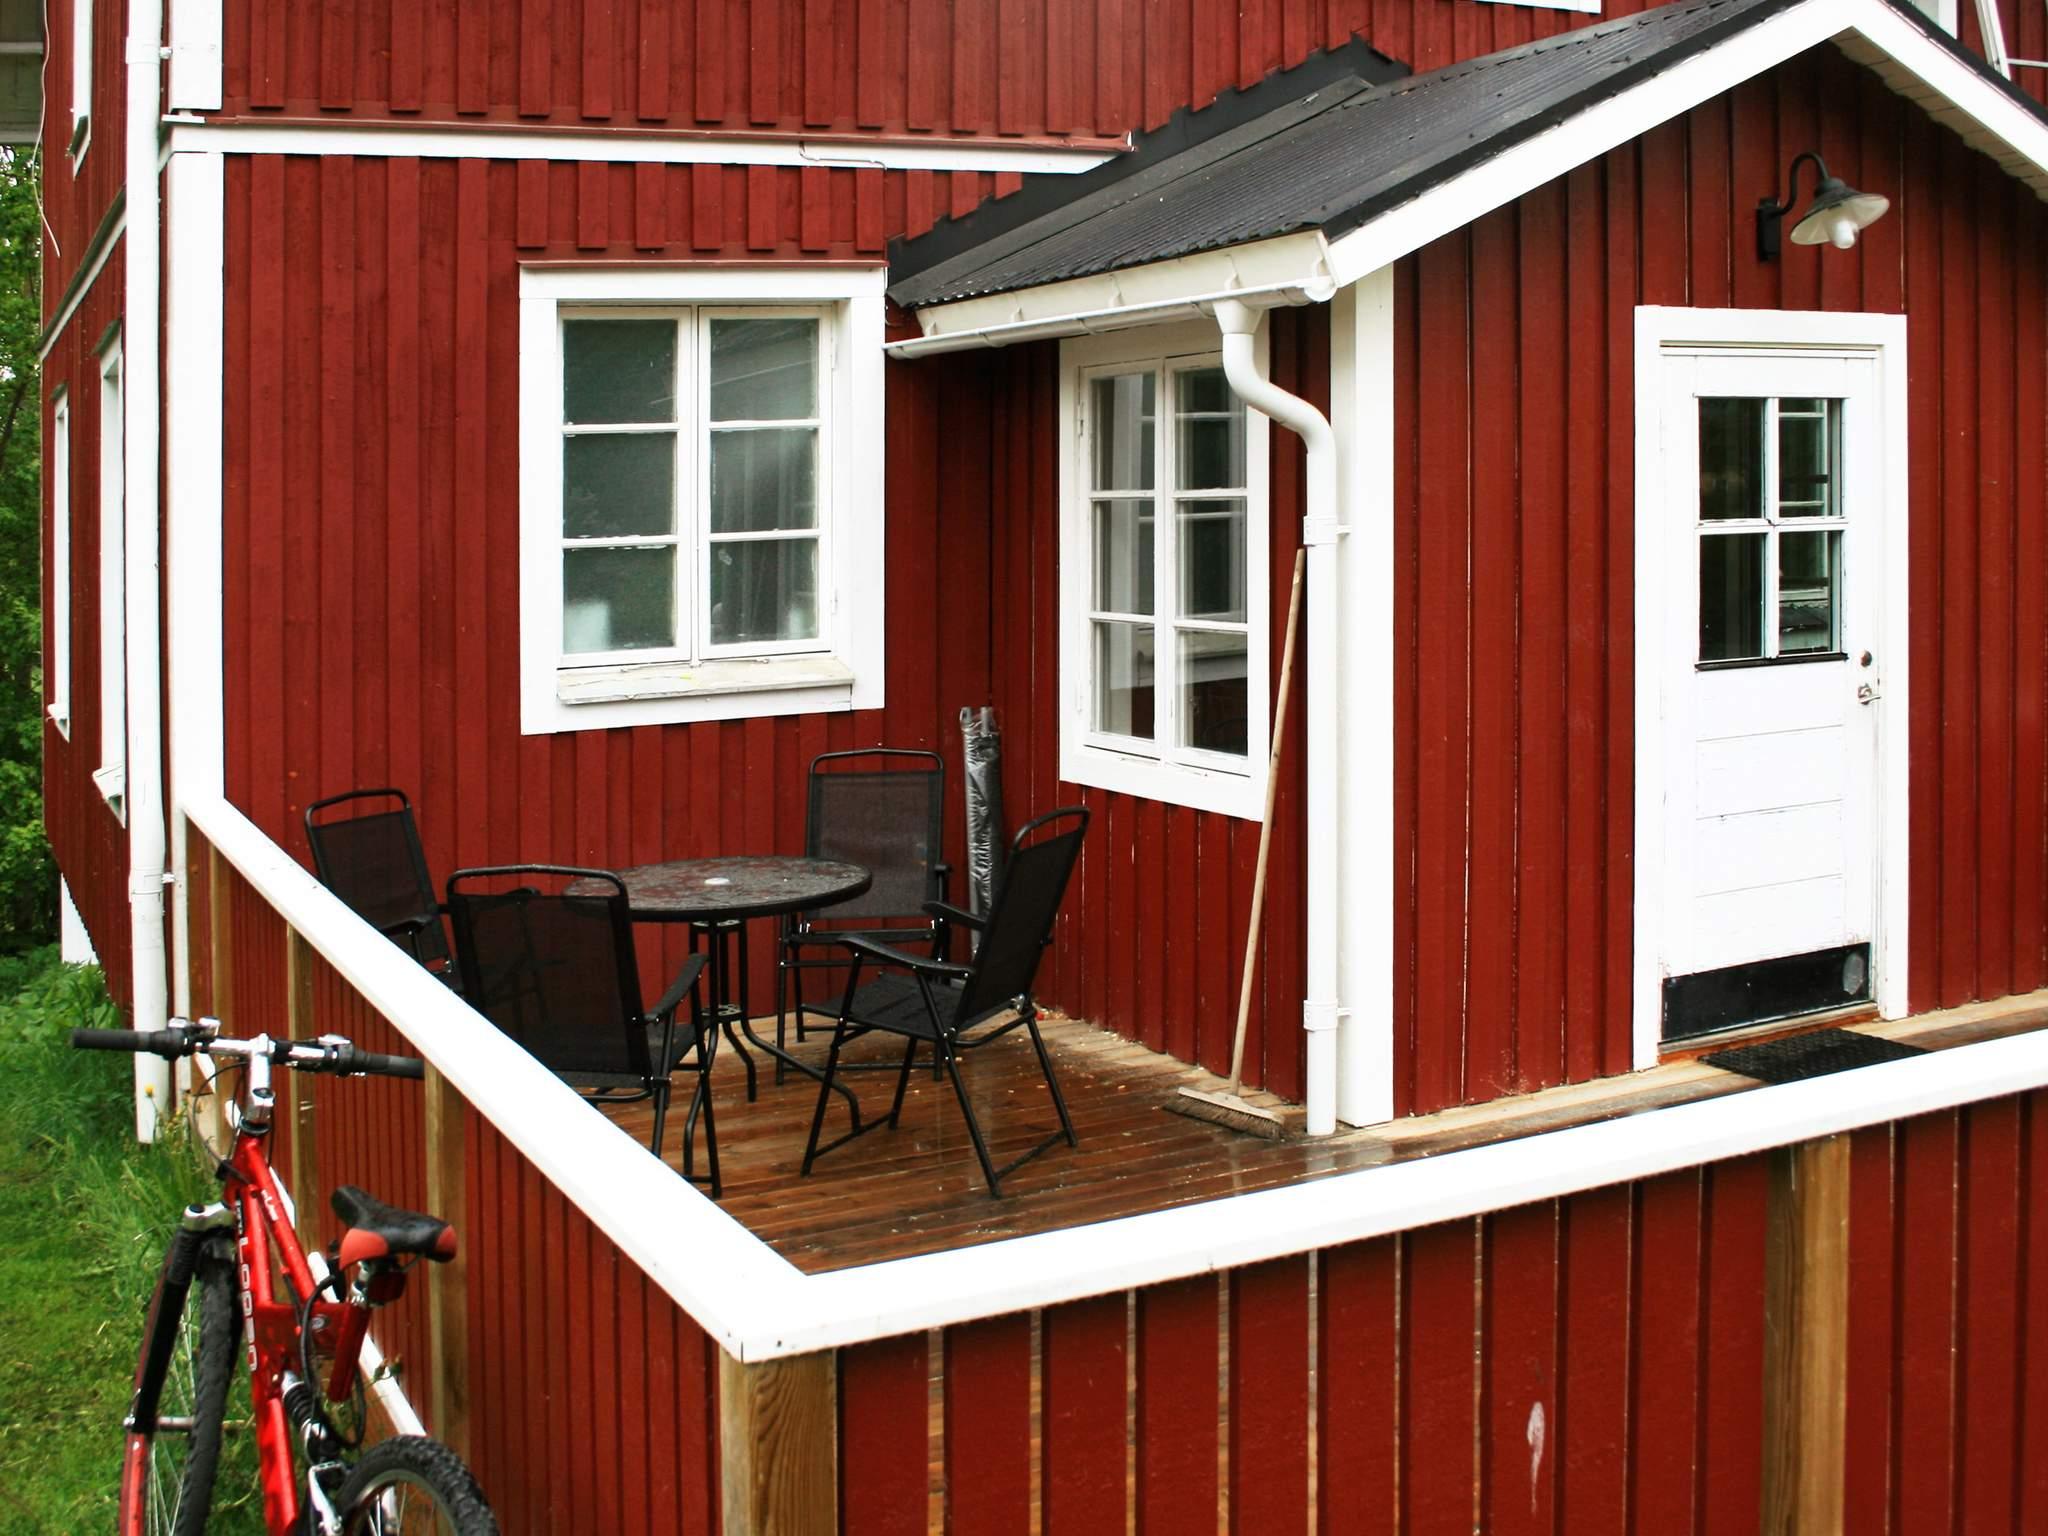 Ferienhaus Bergvik (1021505), Bergvik, Gävleborgs län, Nordschweden, Schweden, Bild 20